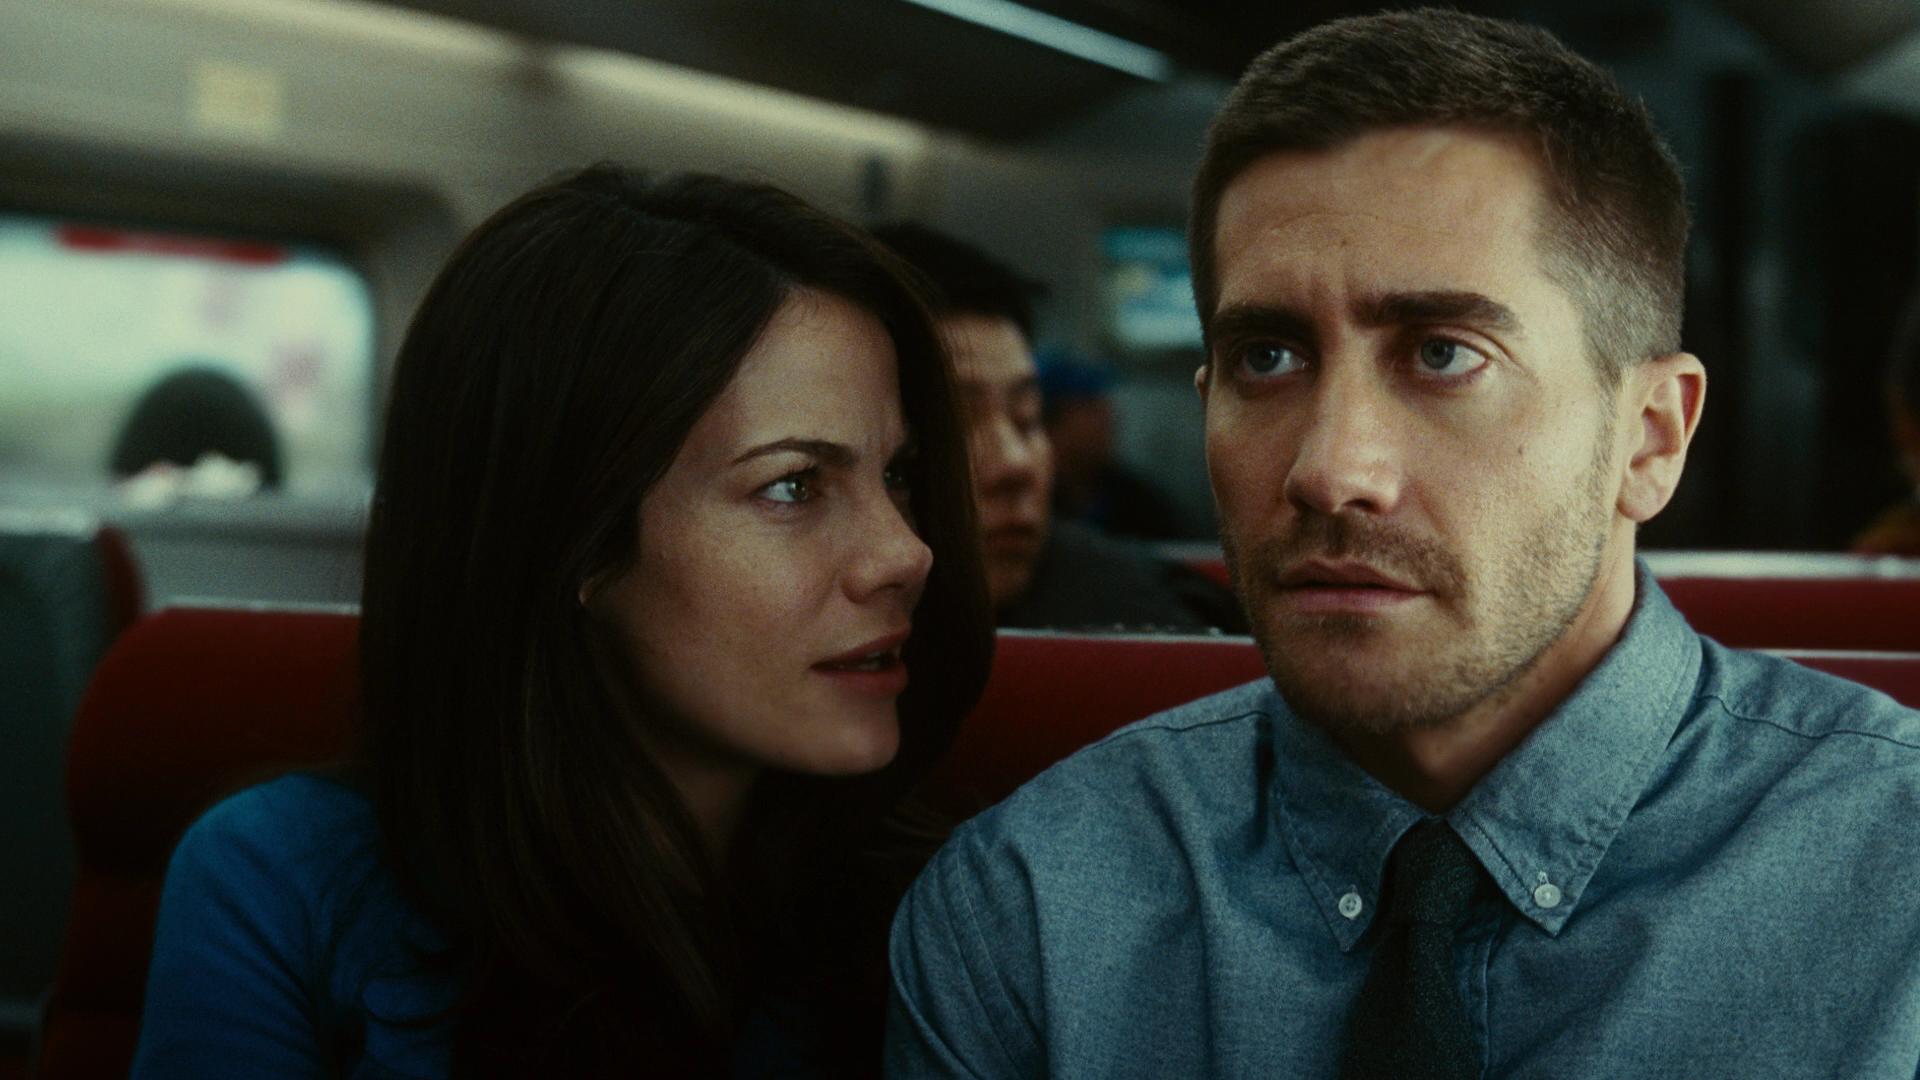 """Рецензия к фильму """"исходный код"""" (2011). каким будет исход?"""